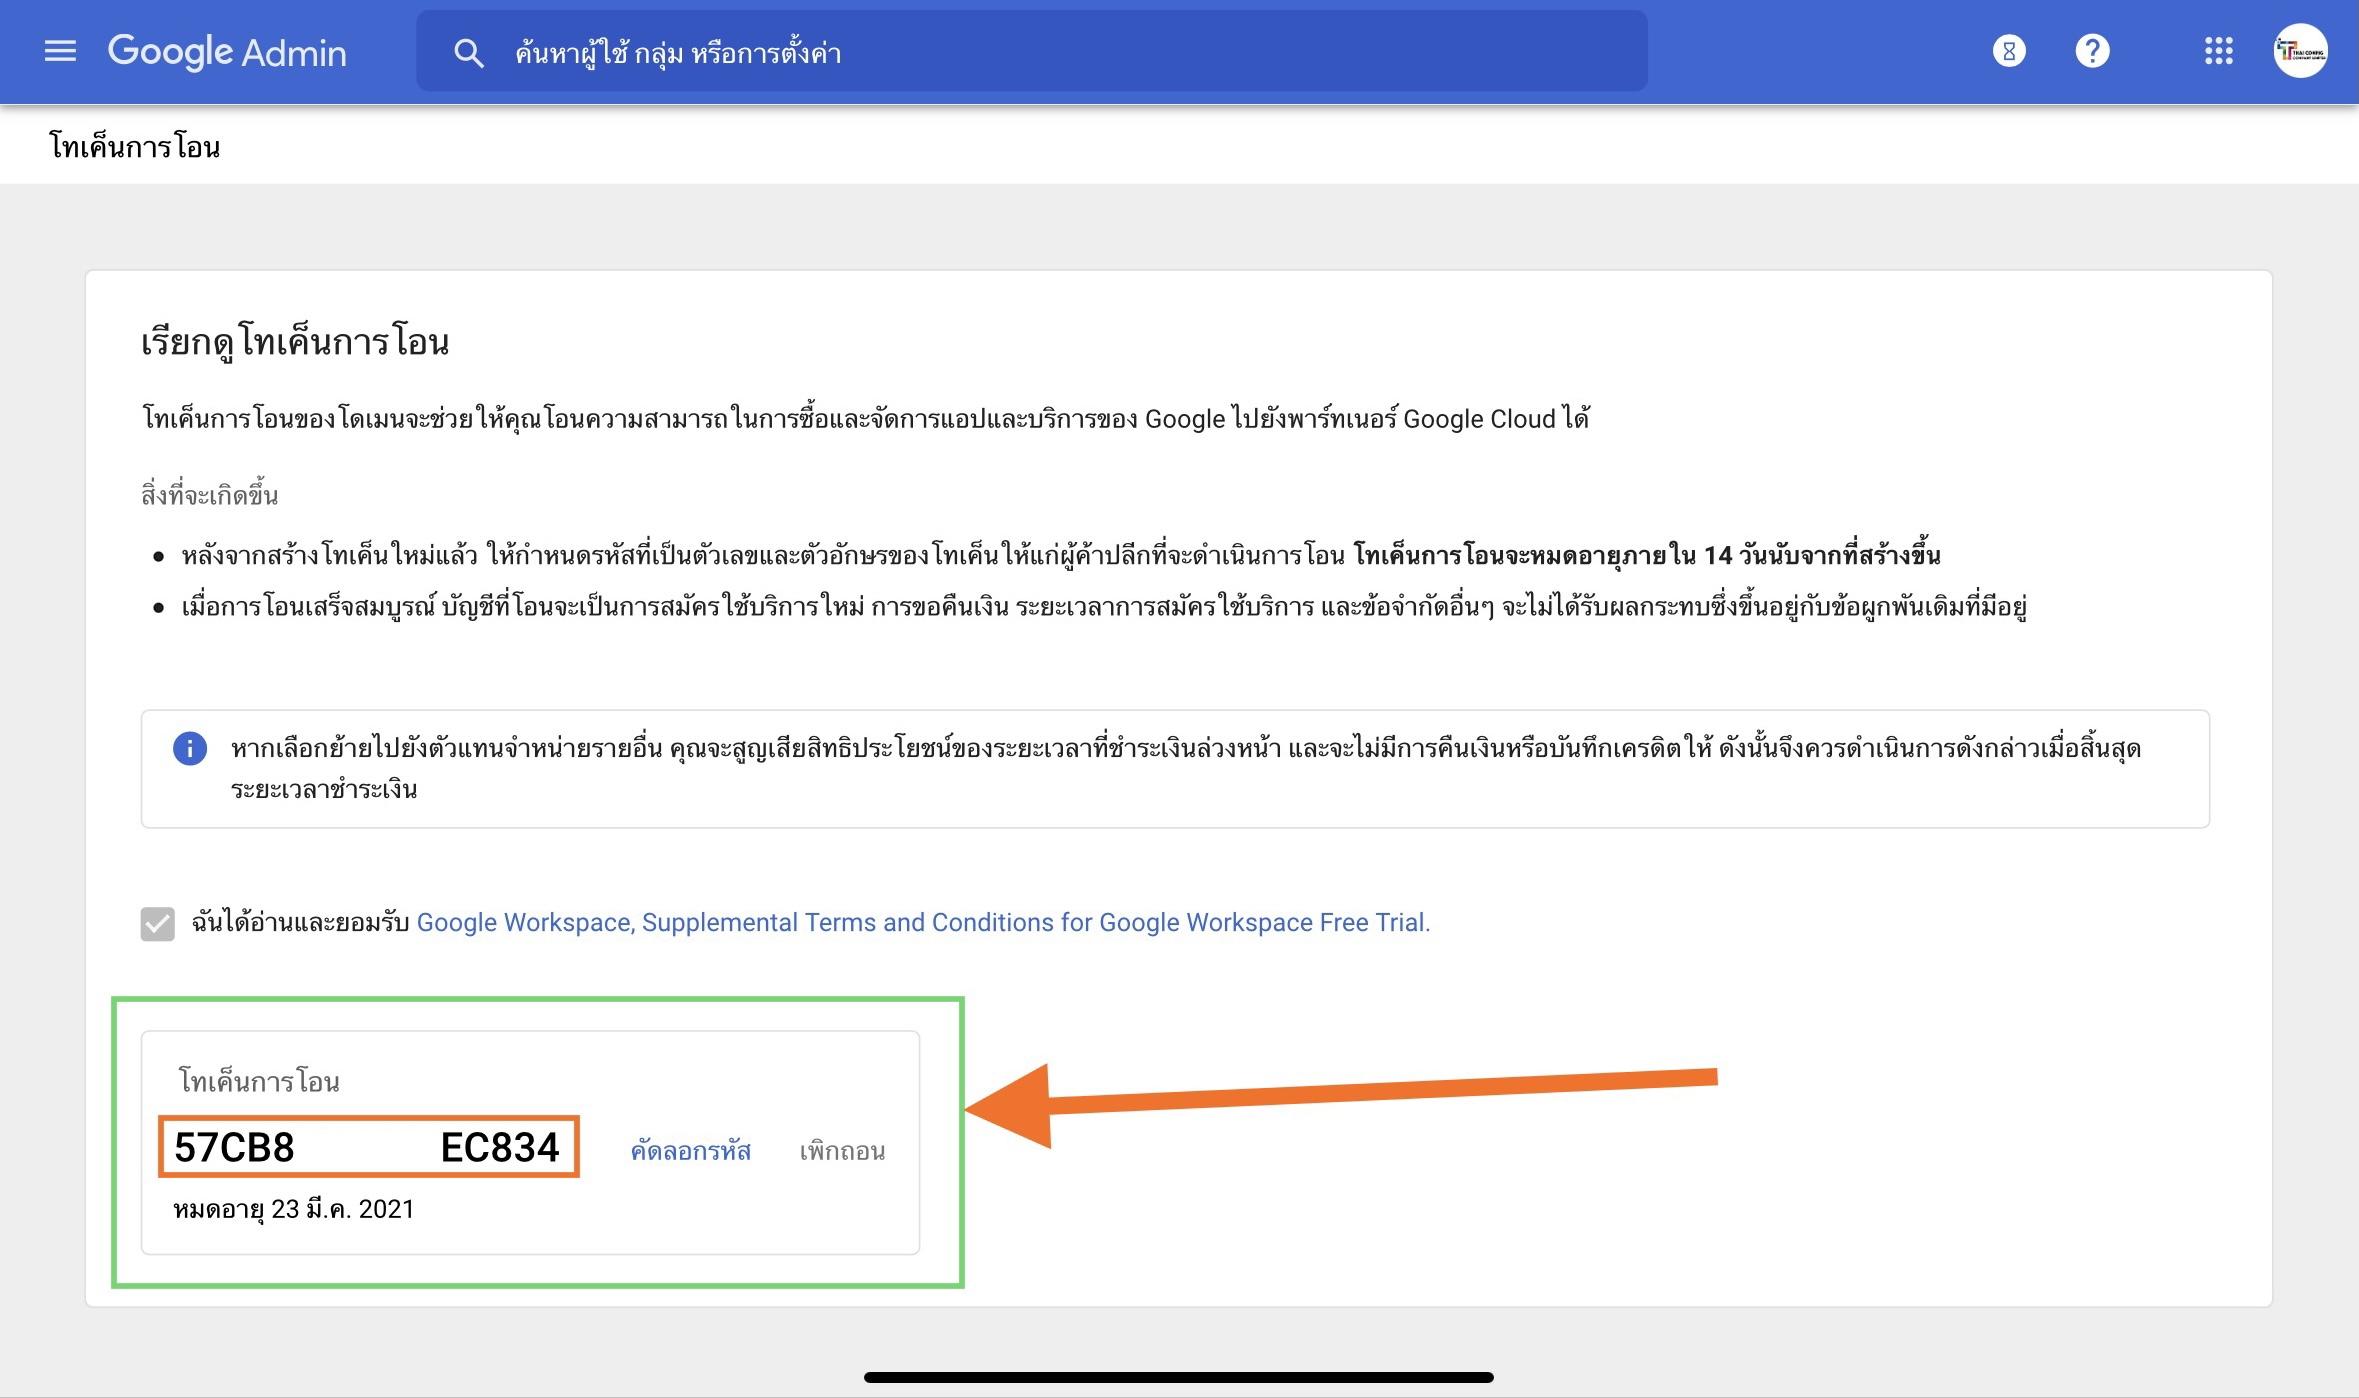 วิธีดูหมายเลข Token ของ Google Workspace (G Suite)